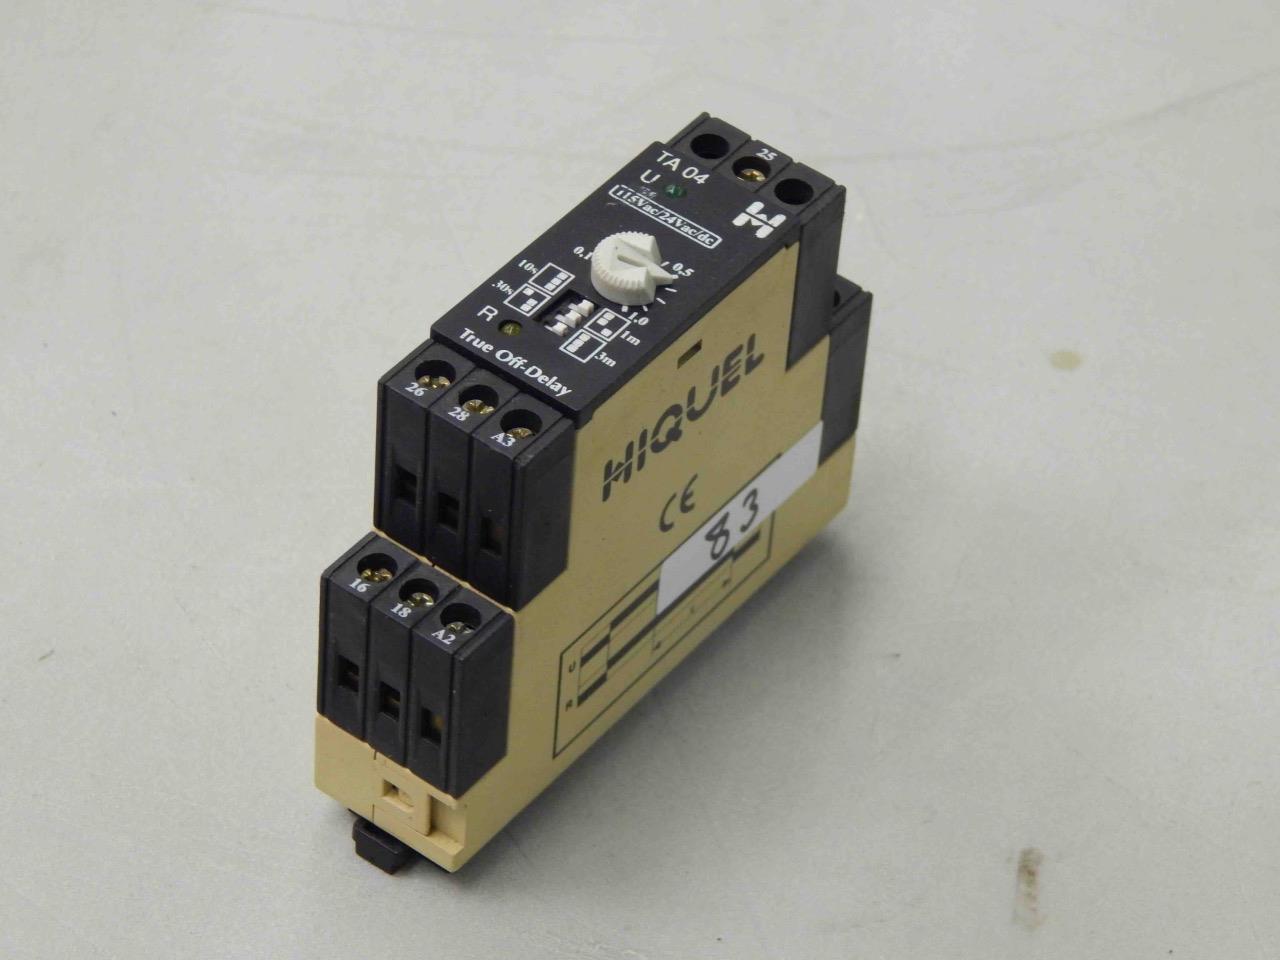 83 Hiquel Ta 04 U 115vac 24vac Dc 01 10 True Off Delay Timer Circuit Breaker Ebay Relay Mc Sales Llc